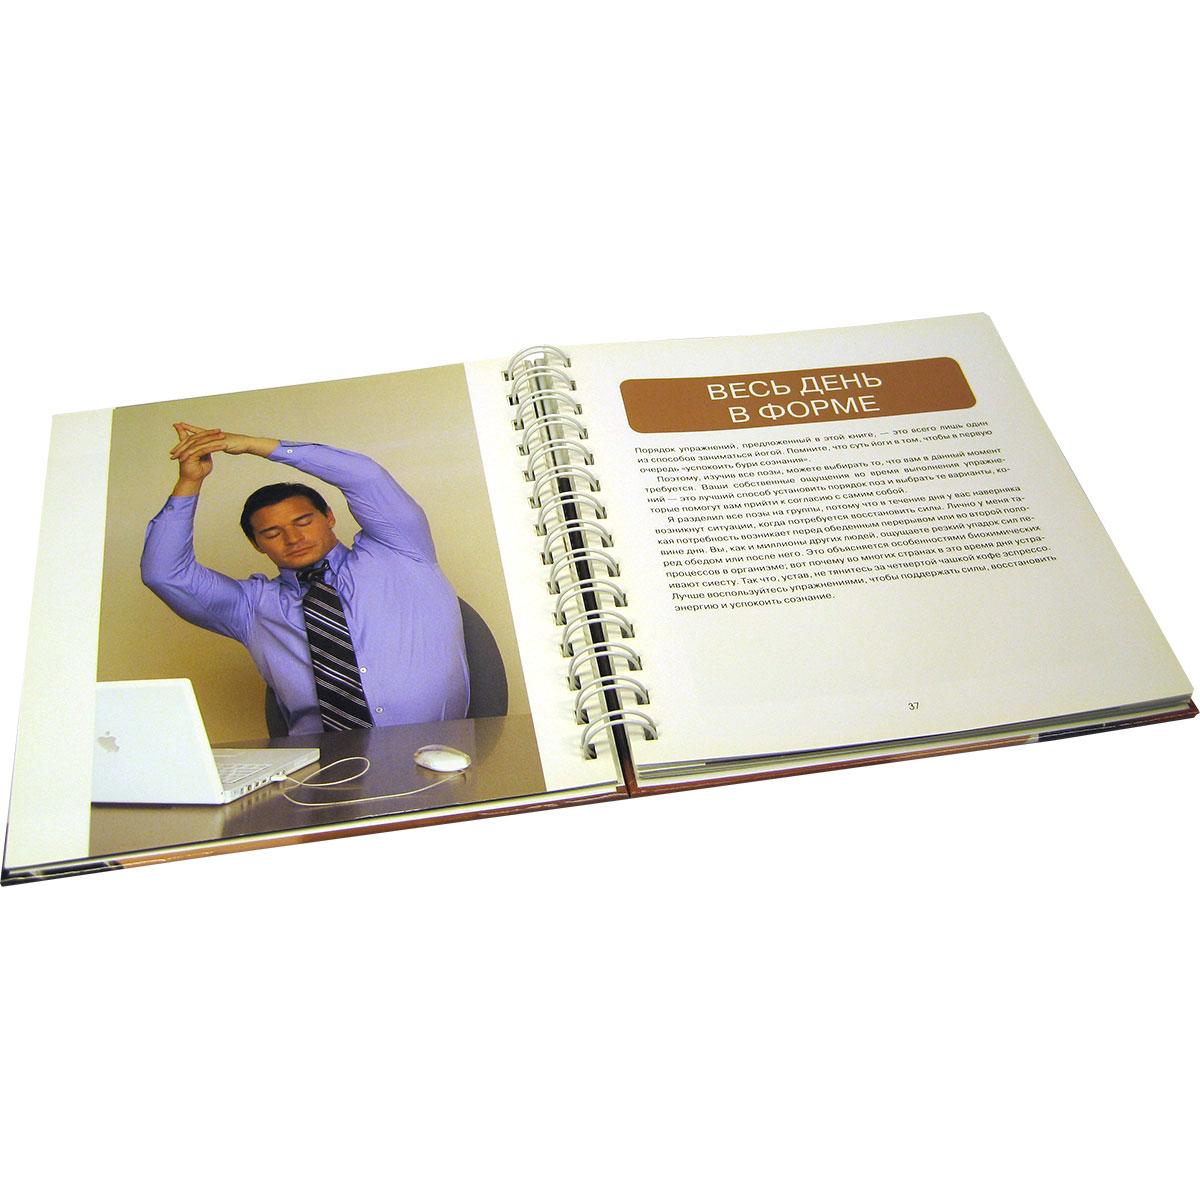 Йога для менеджеров. 30 простых упражнений для повышения работоспособности, которые можно выполнять, не снимая деловой костюм. Чашка крепкого кофе - не единственный...